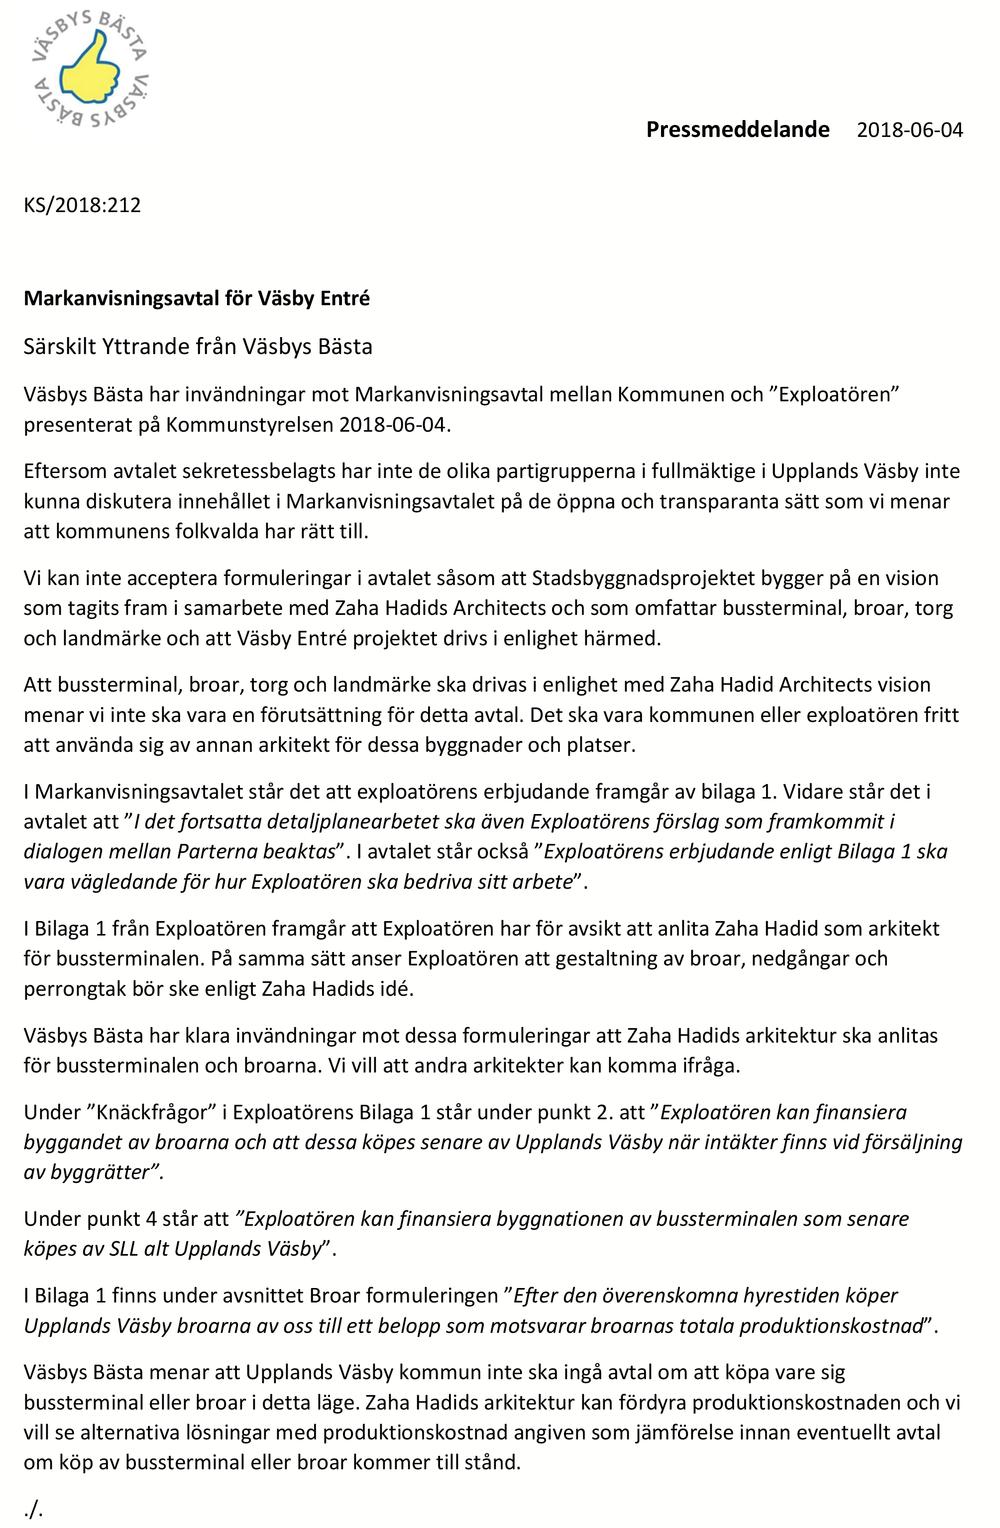 2018-06-04 Pressmeddelande Yttrande Markanvisning kopiera.png